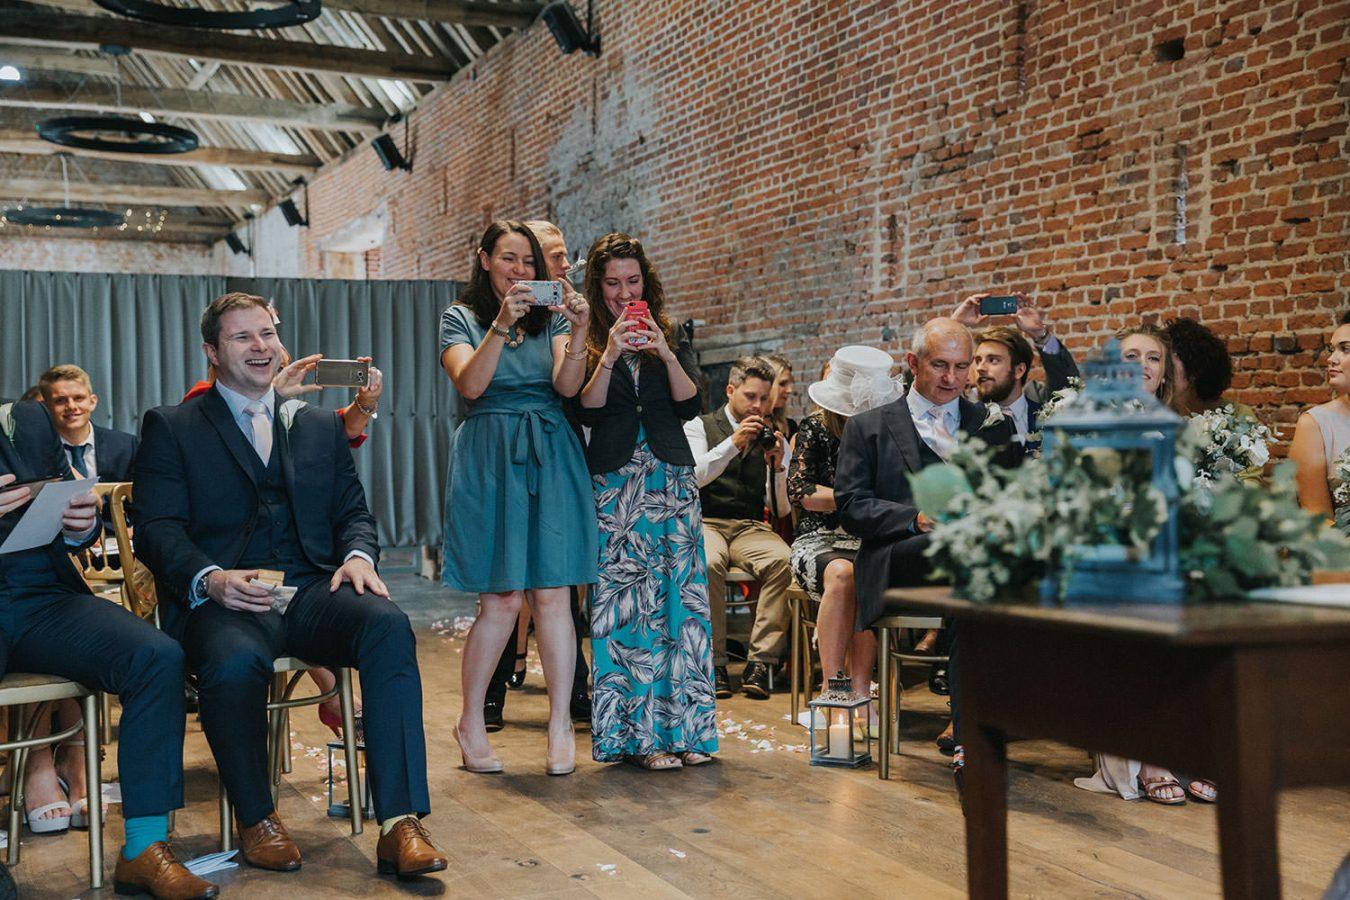 copdock-hall-wedding-photography-024